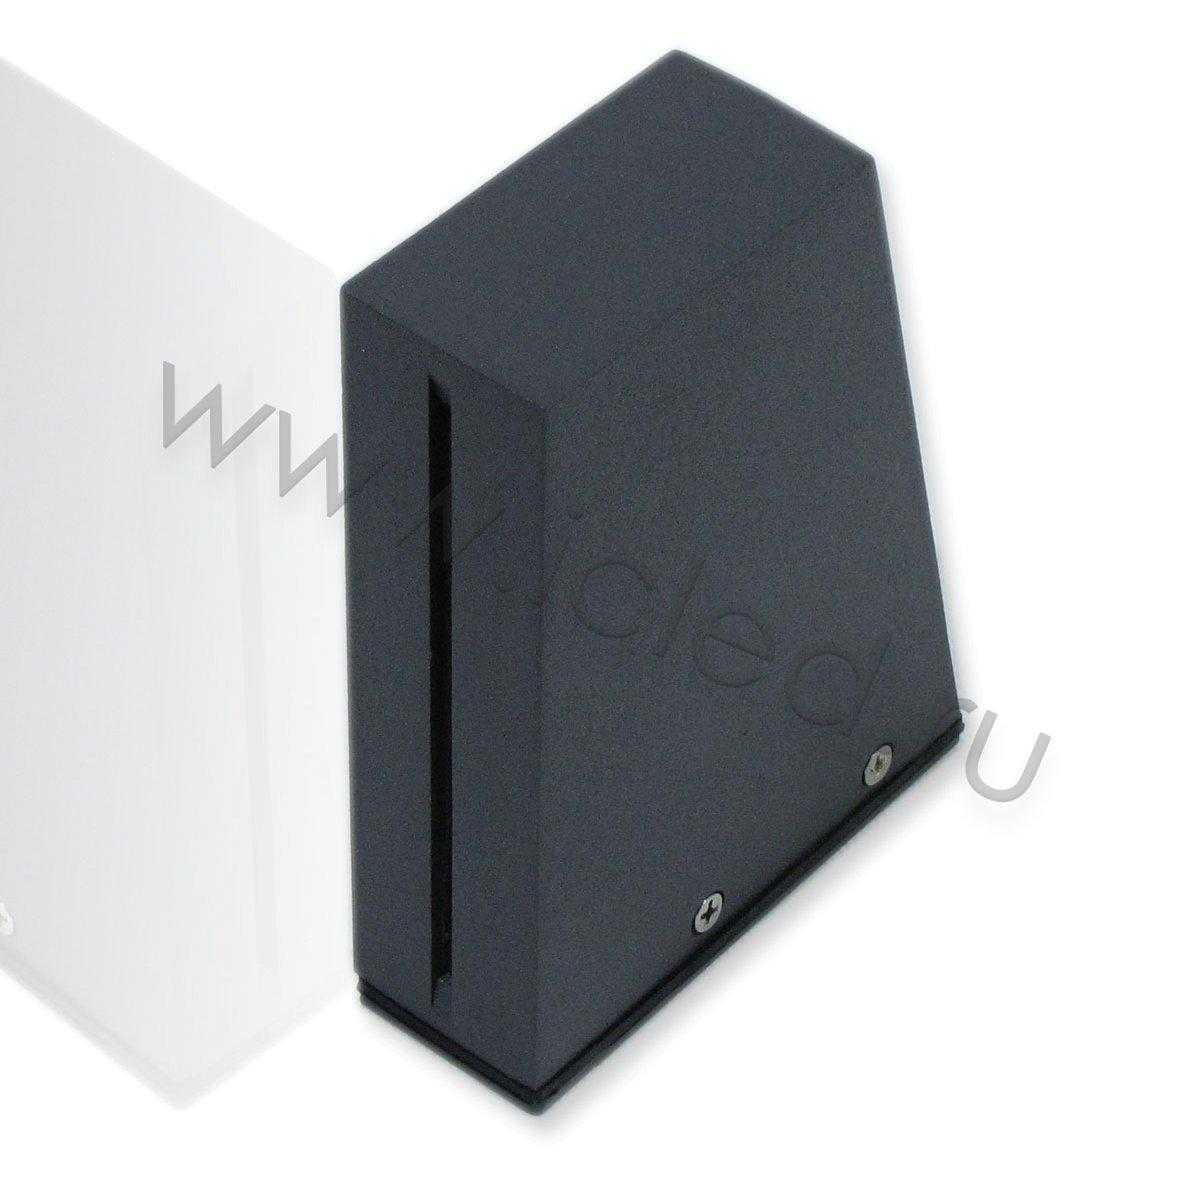 Светодиодный светильник UCR9212 DG, Warm White